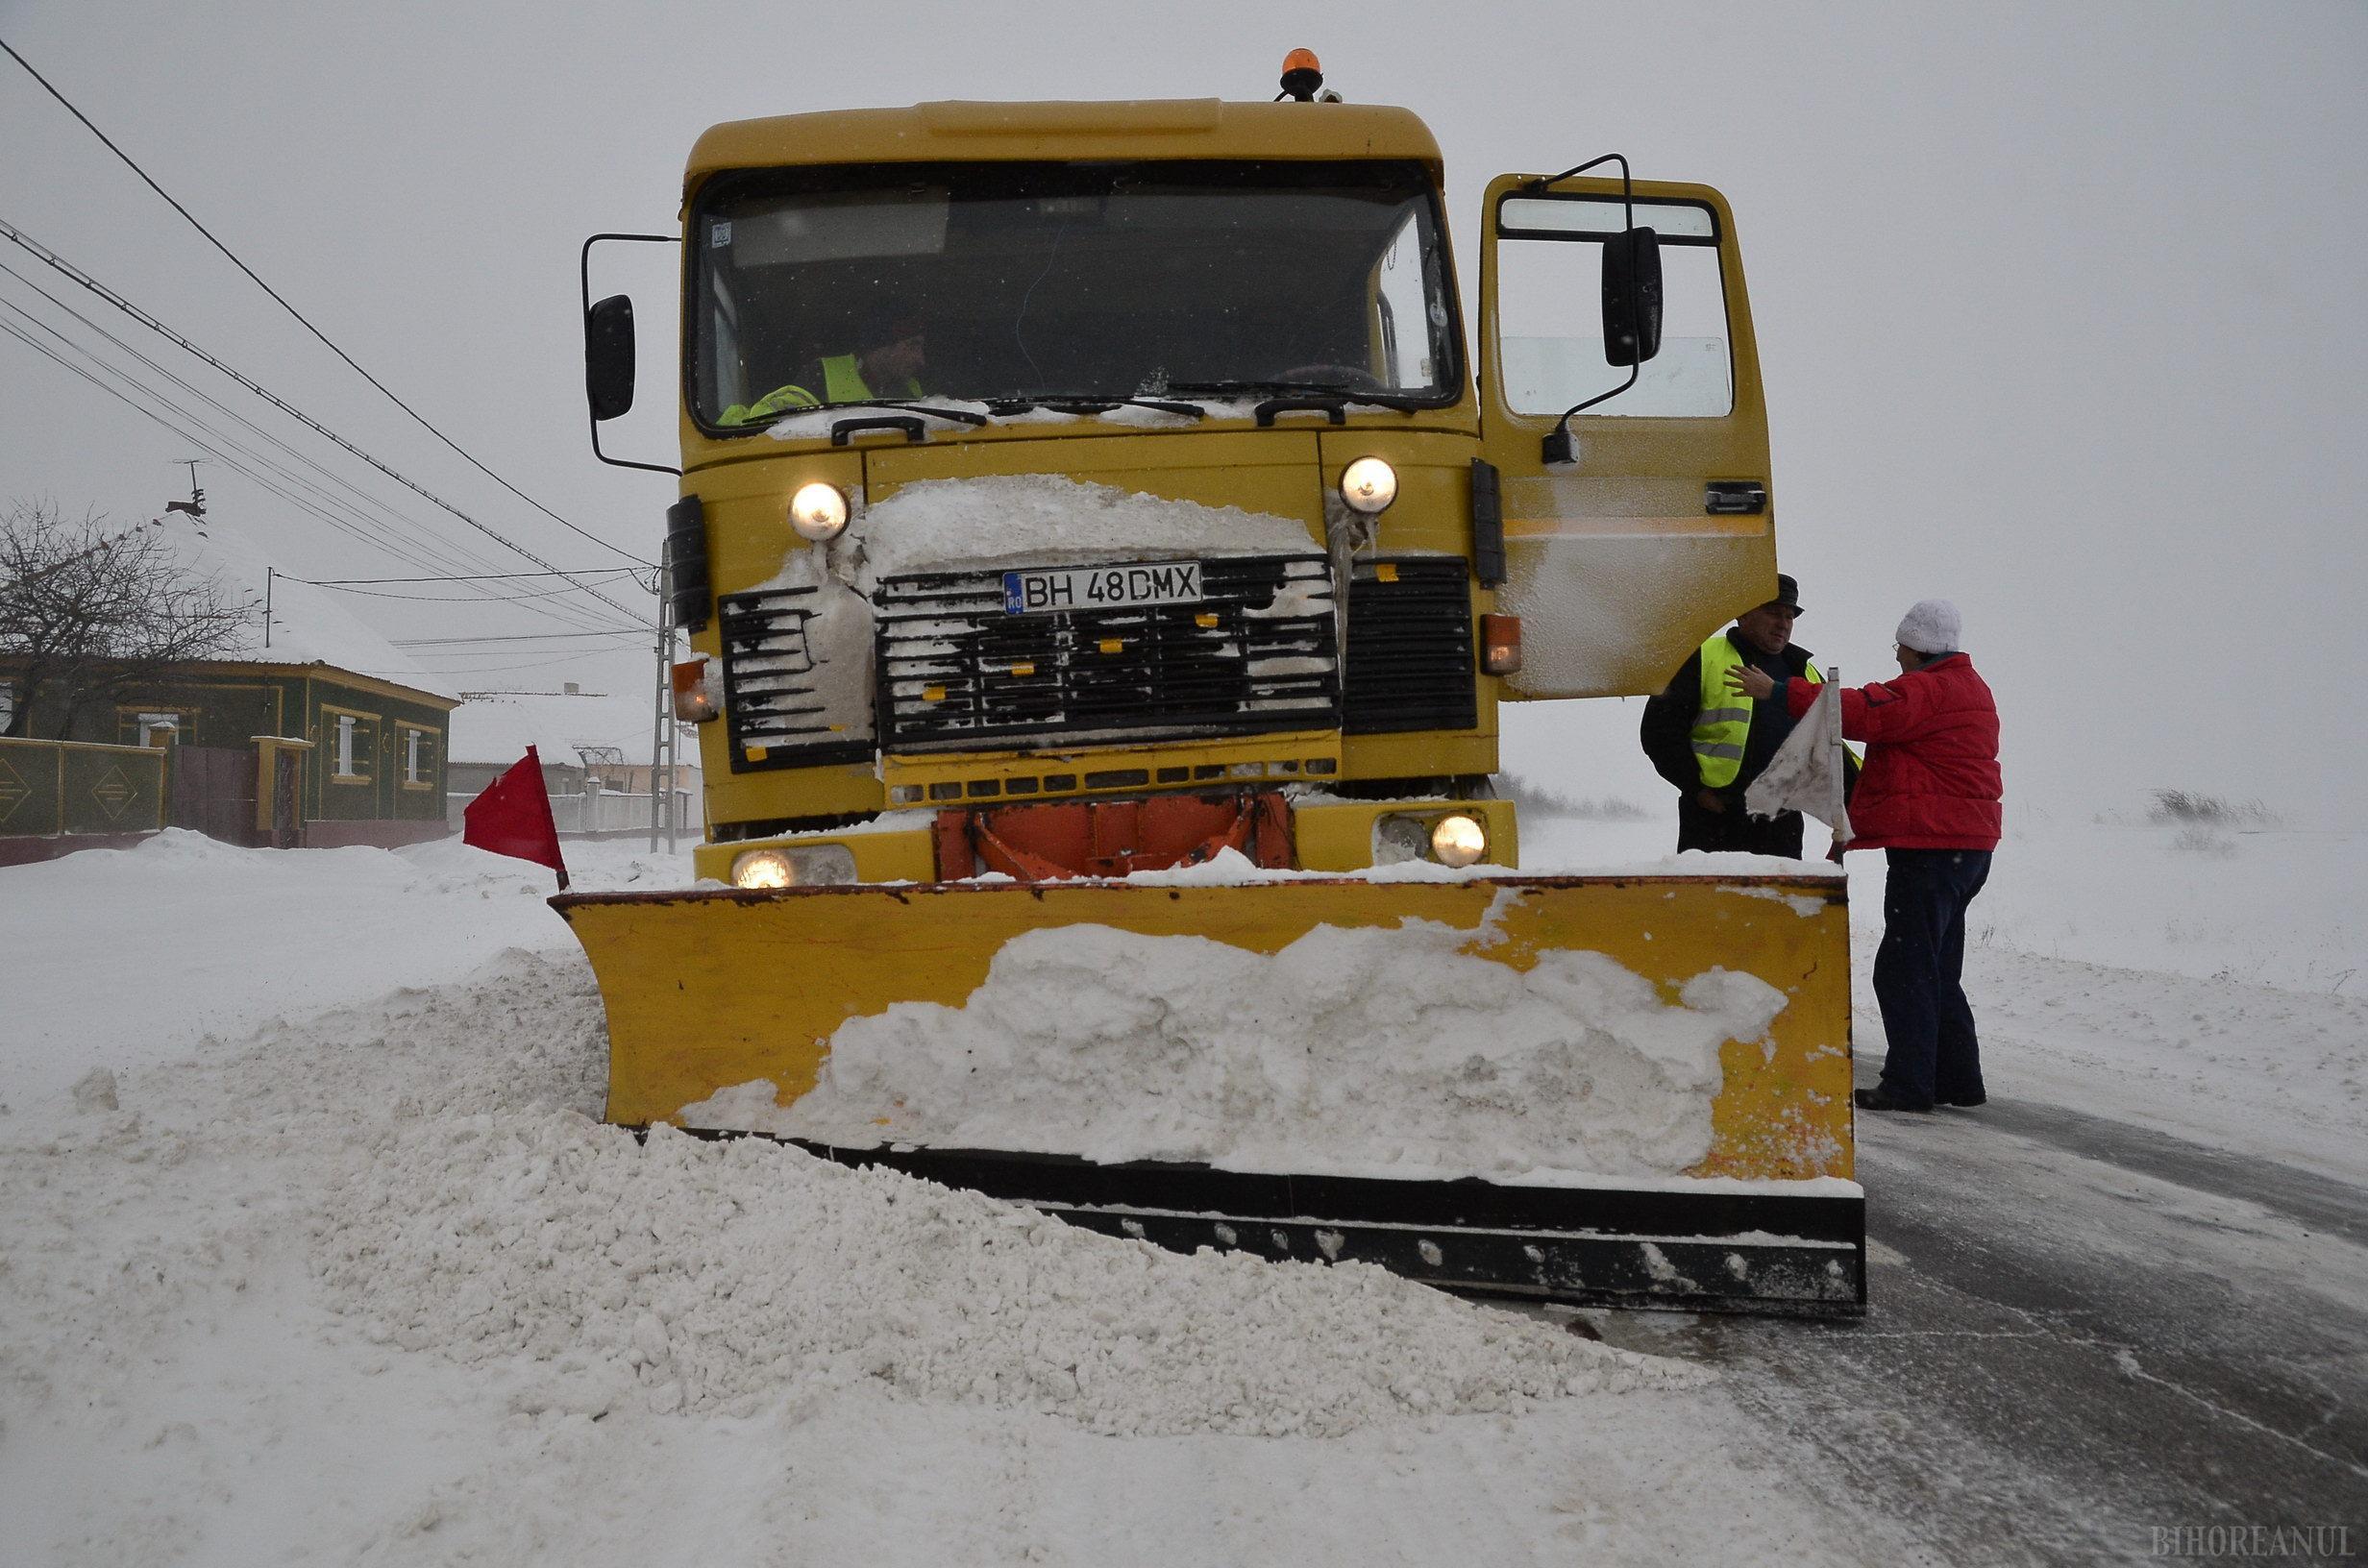 Consiliul Judeţean: Operatorii au scos 40 de utilaje pentru deszăpezire, pe drumurile judeţene se circulă în condiţii de iarnă